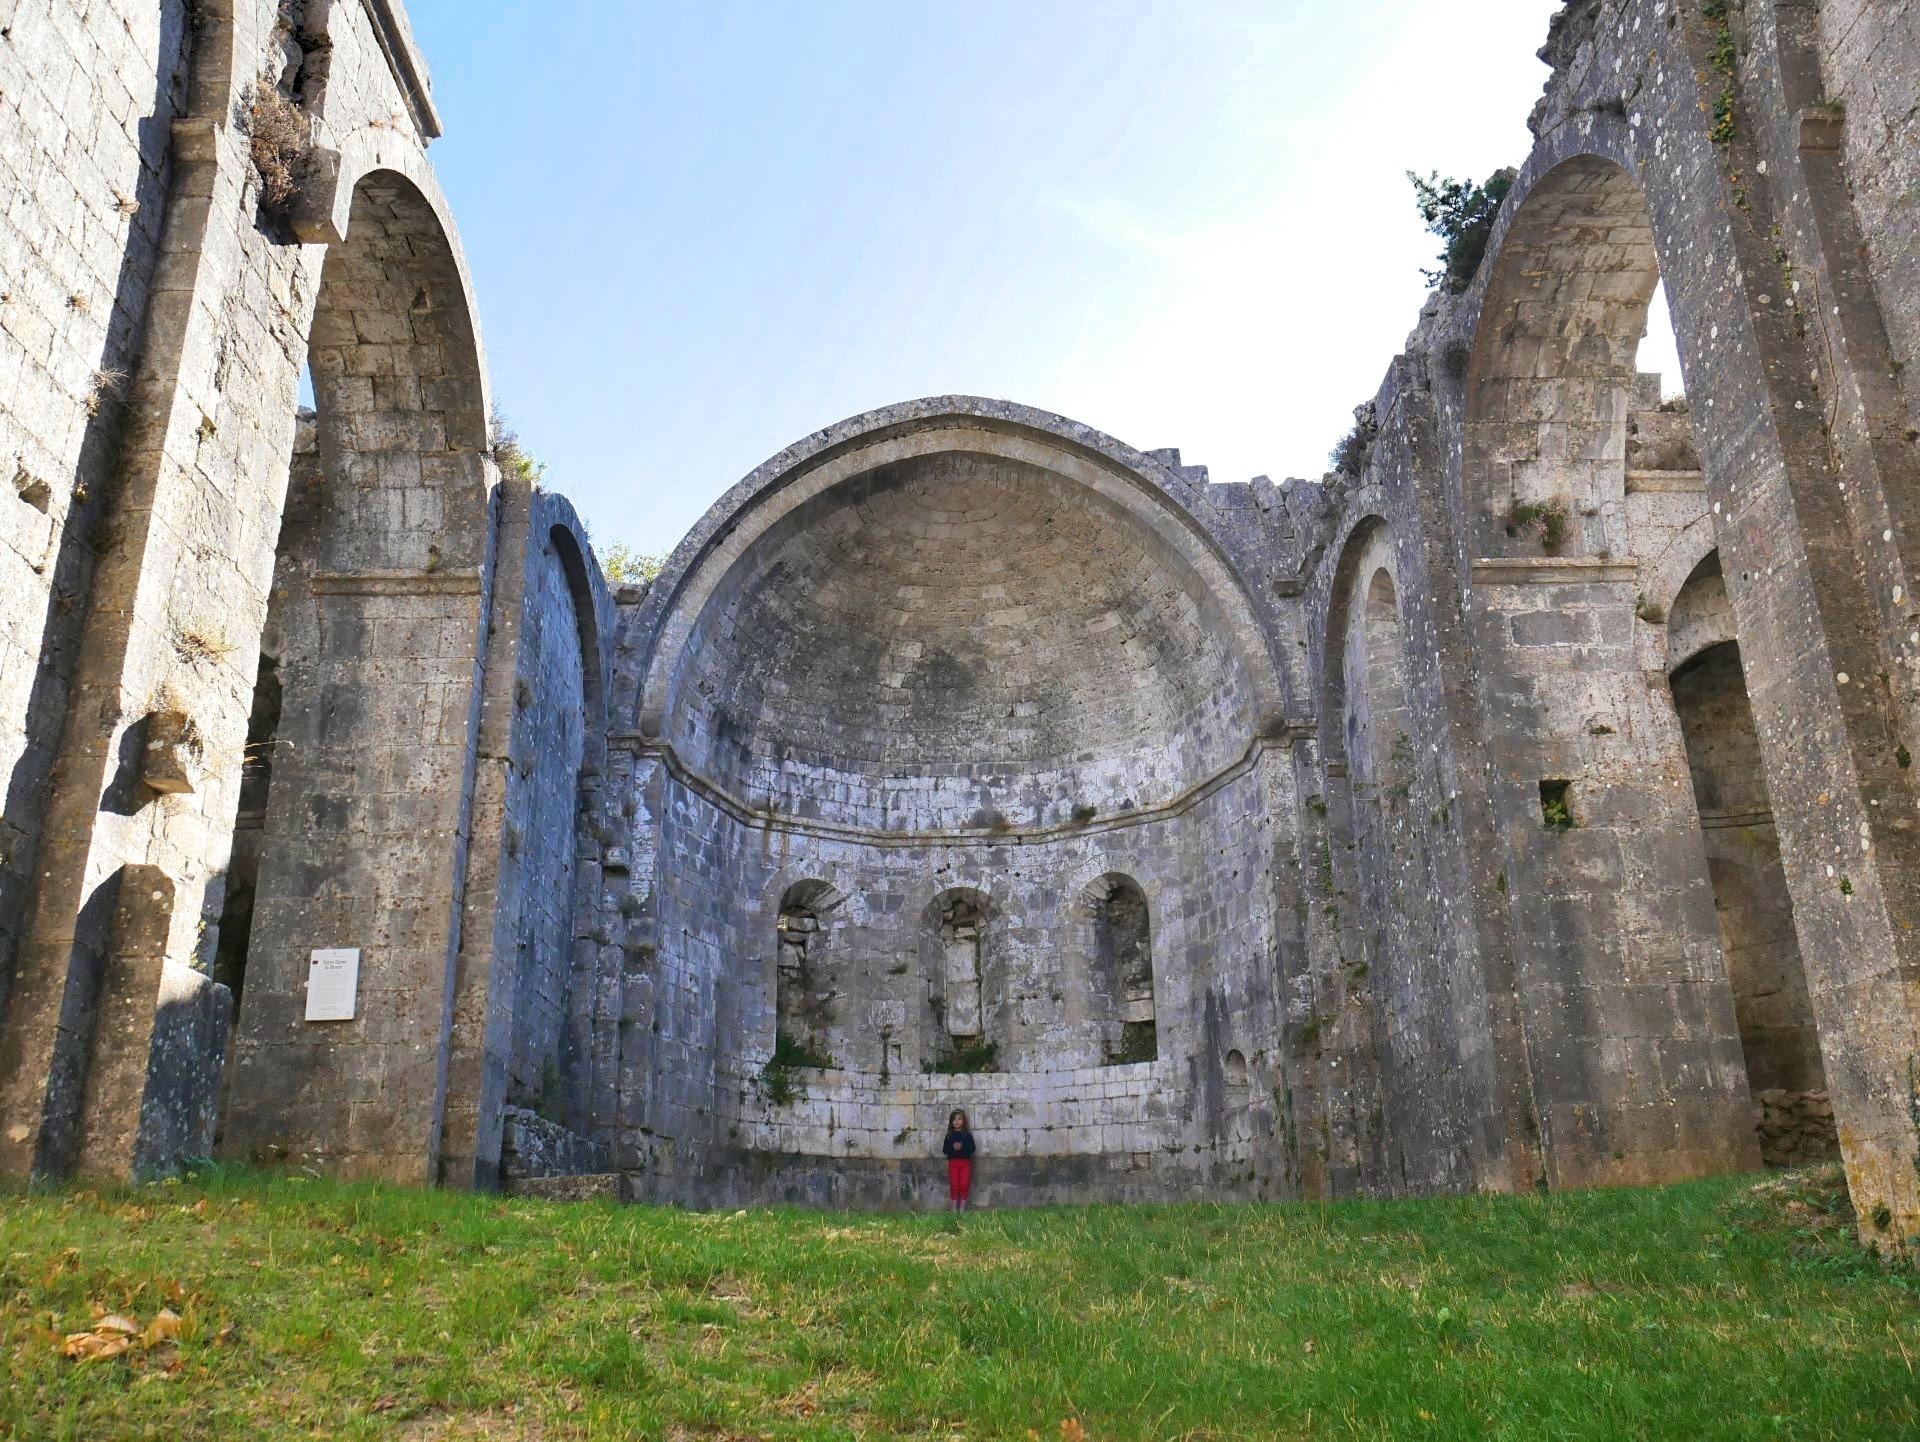 Balade en Drôme, au prieuré d'Aleyrac. Intérieur de l'église